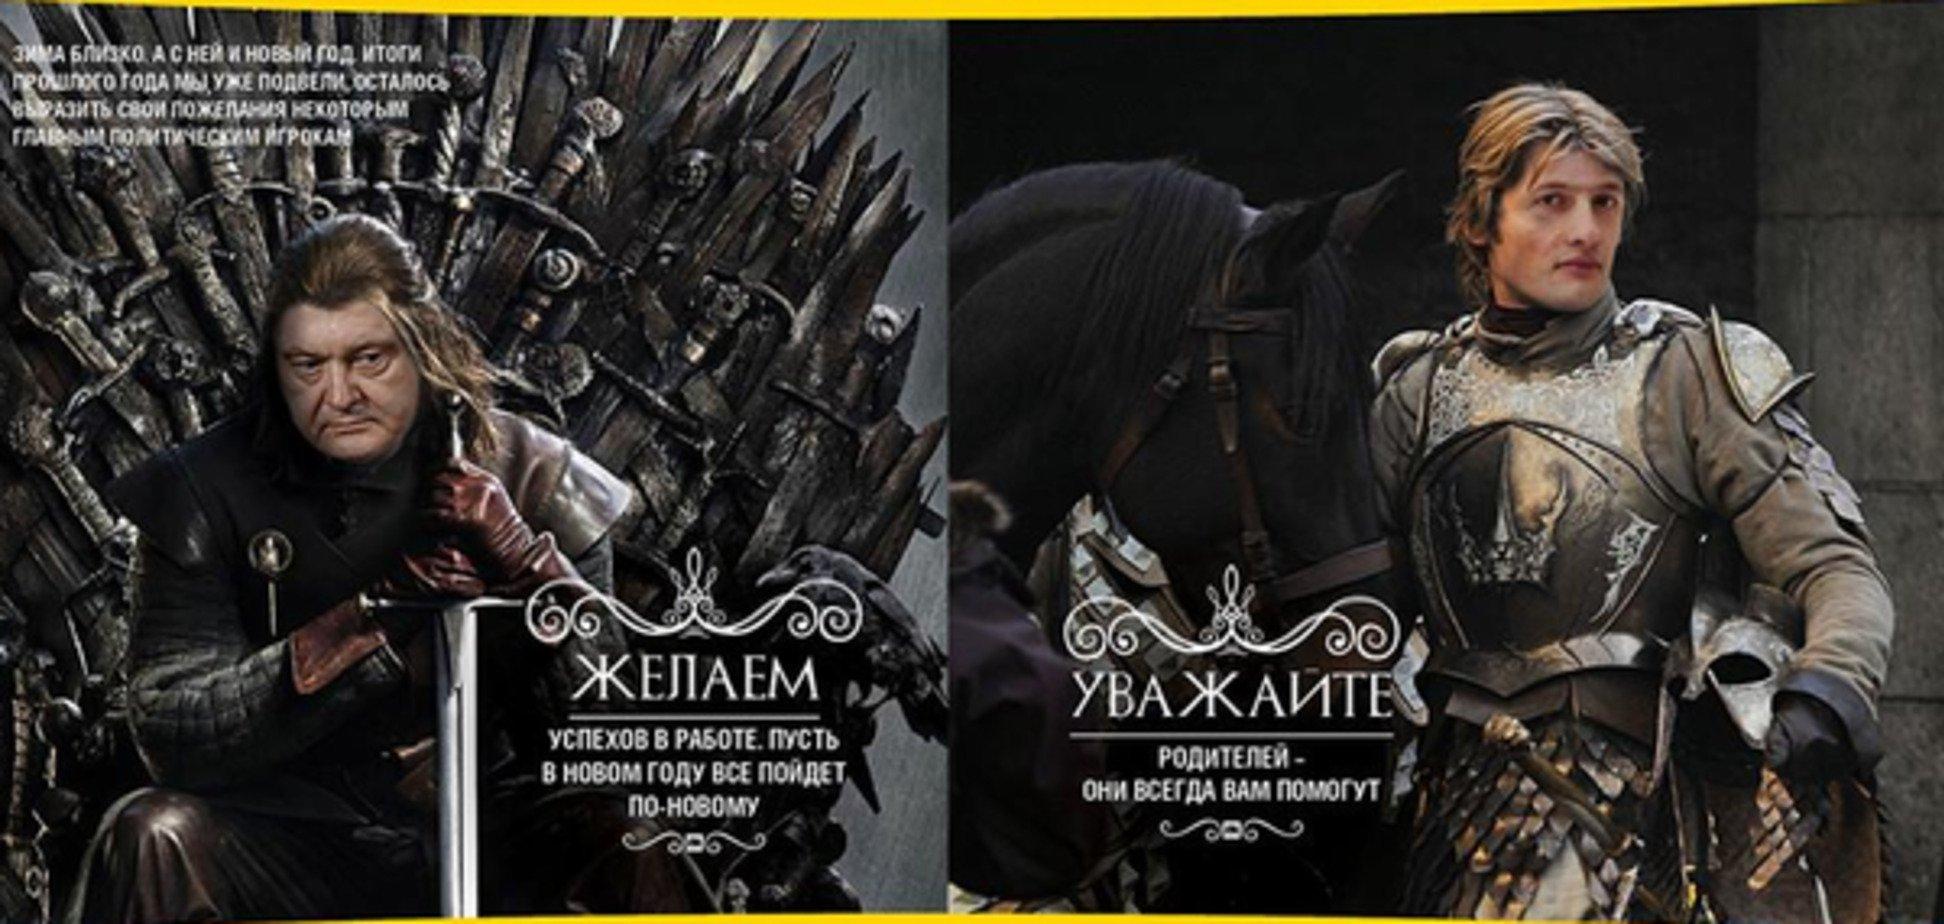 Путін-зомбі і король півночі Порошенко: політики приміряли образи 'Гри престолів'